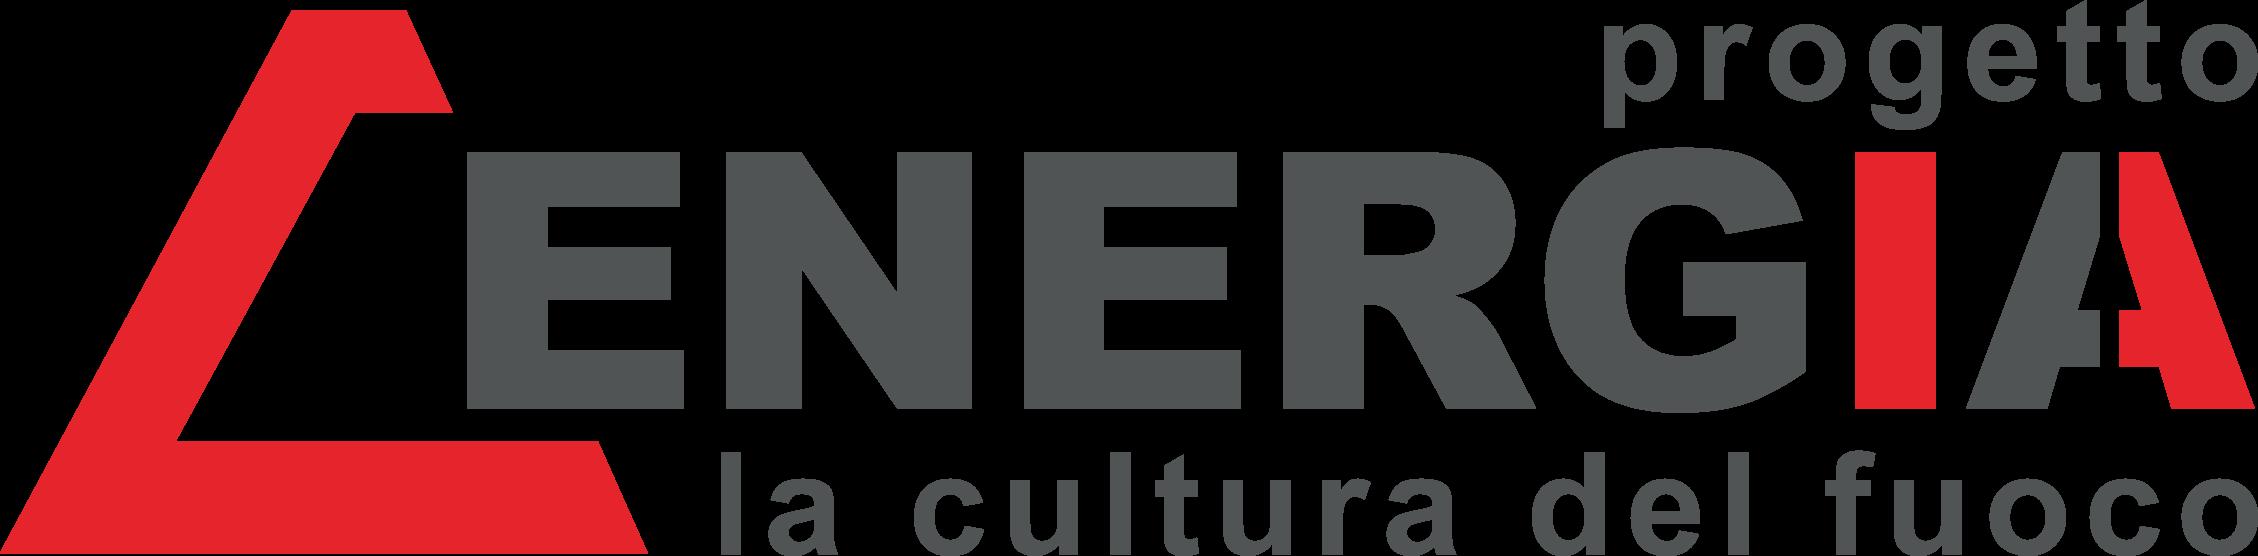 Progetto Energia | Caldaie a pellet e biomassa | Canne fumarie |Trattamento fumi e aria | Ticino